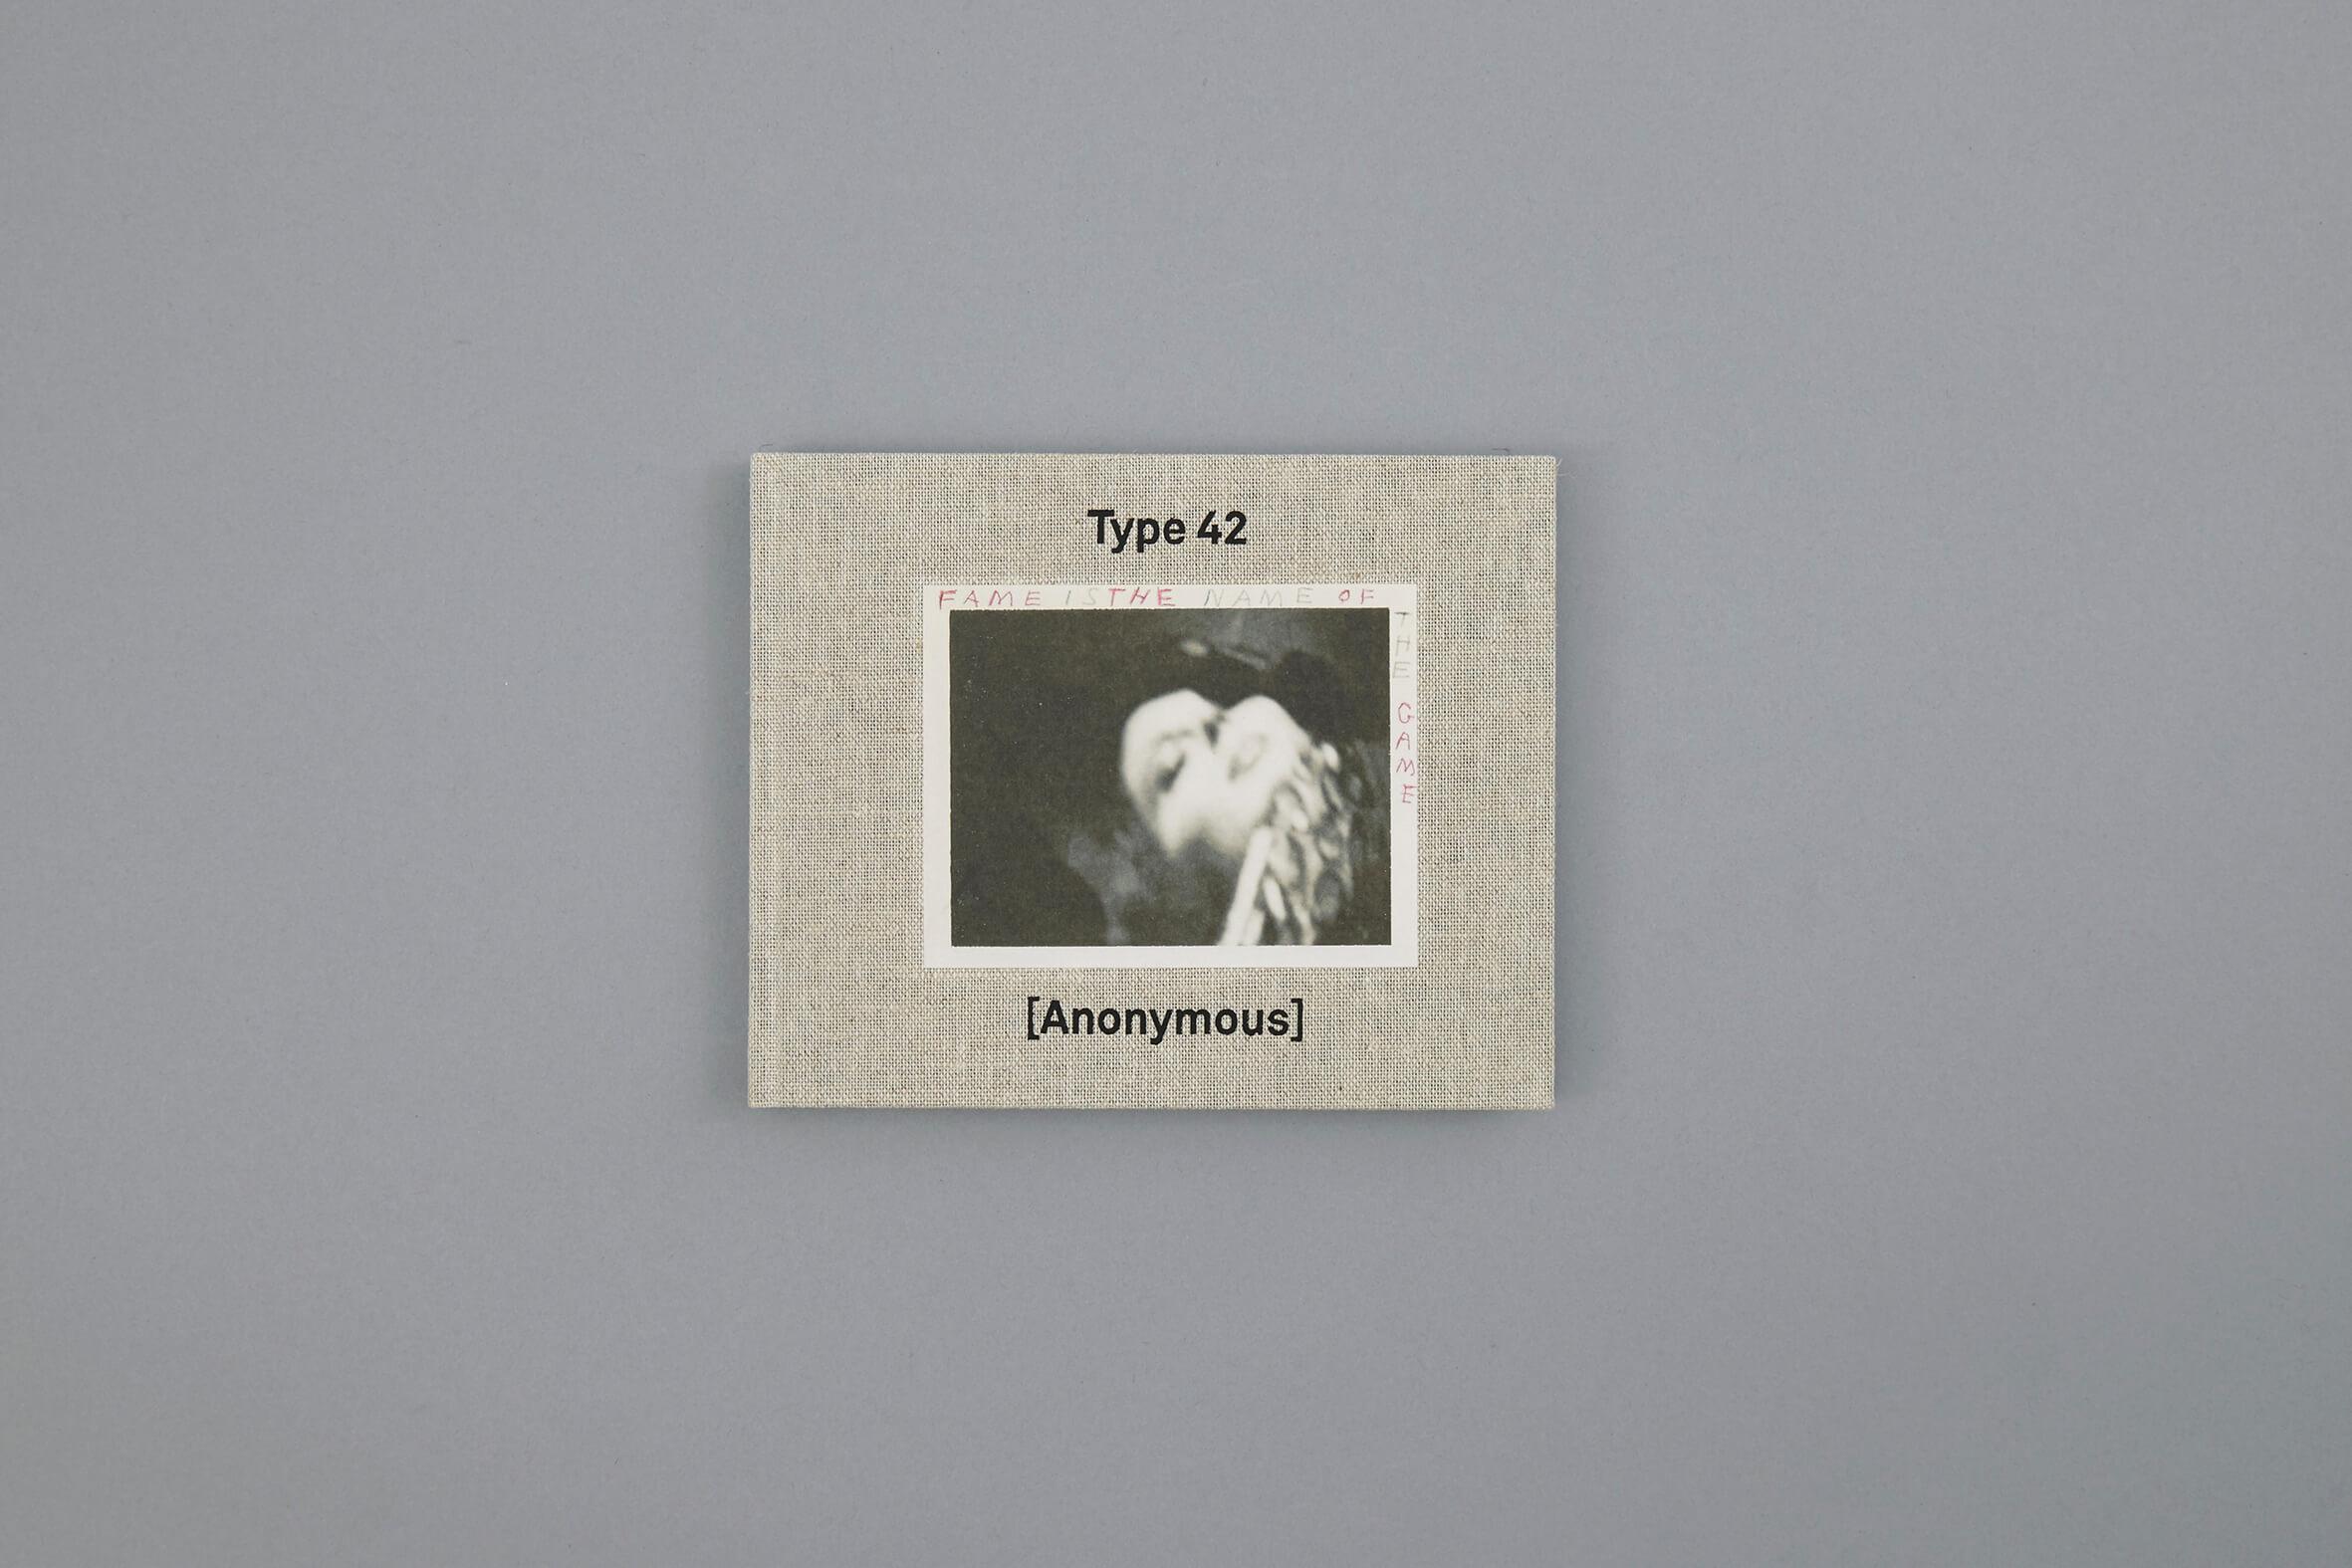 type-42-konig-delpire-co